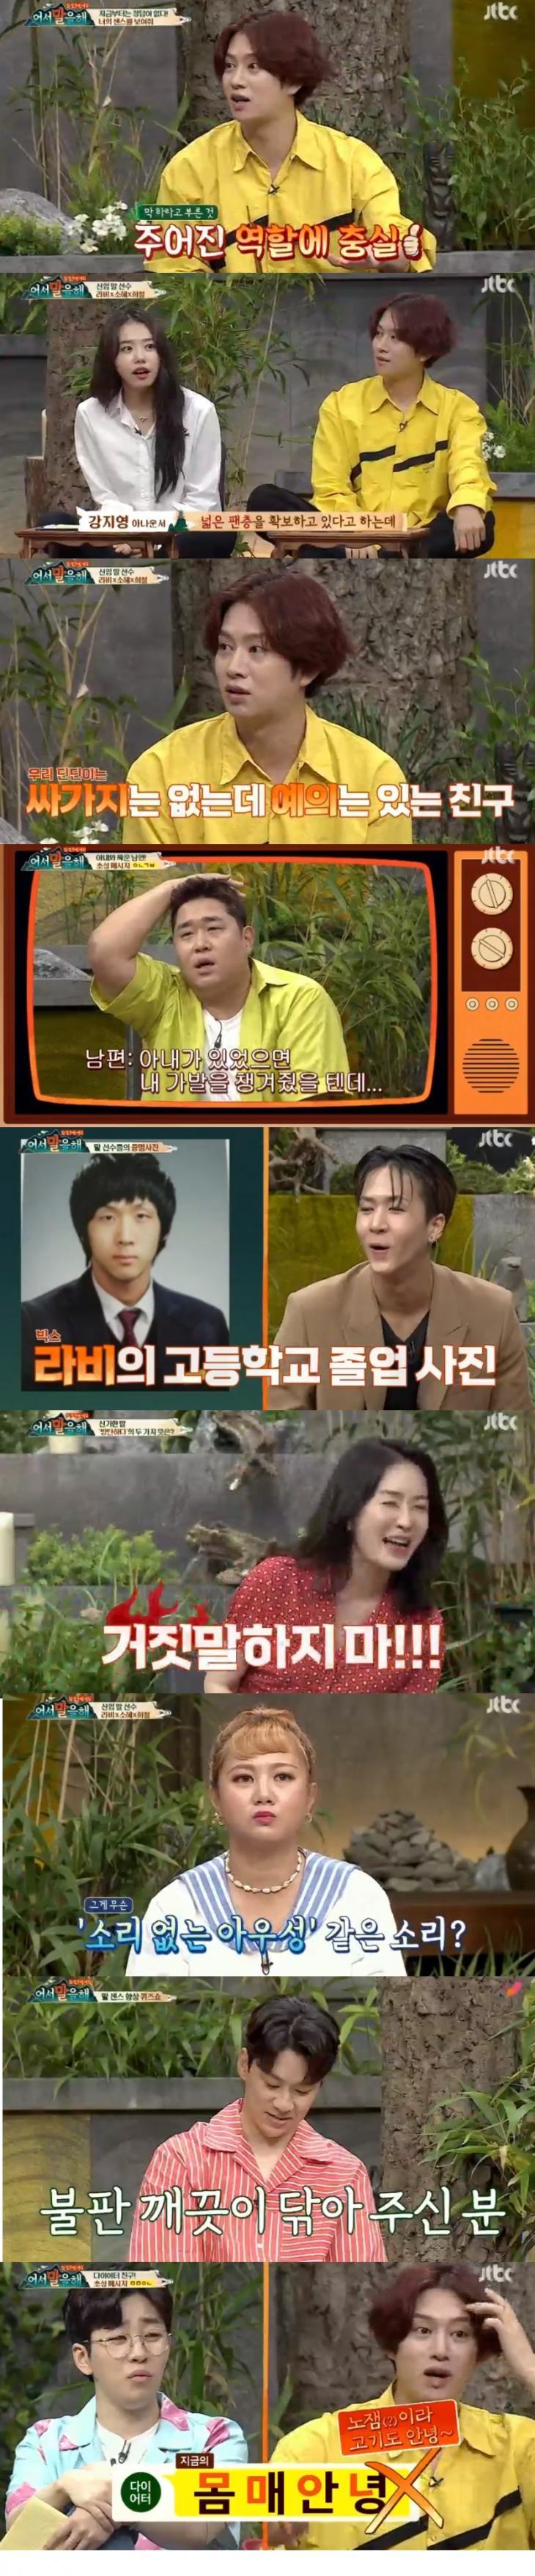 김소혜 김희철 빅스 라비 / JTBC '어서 말을 해' 캡처